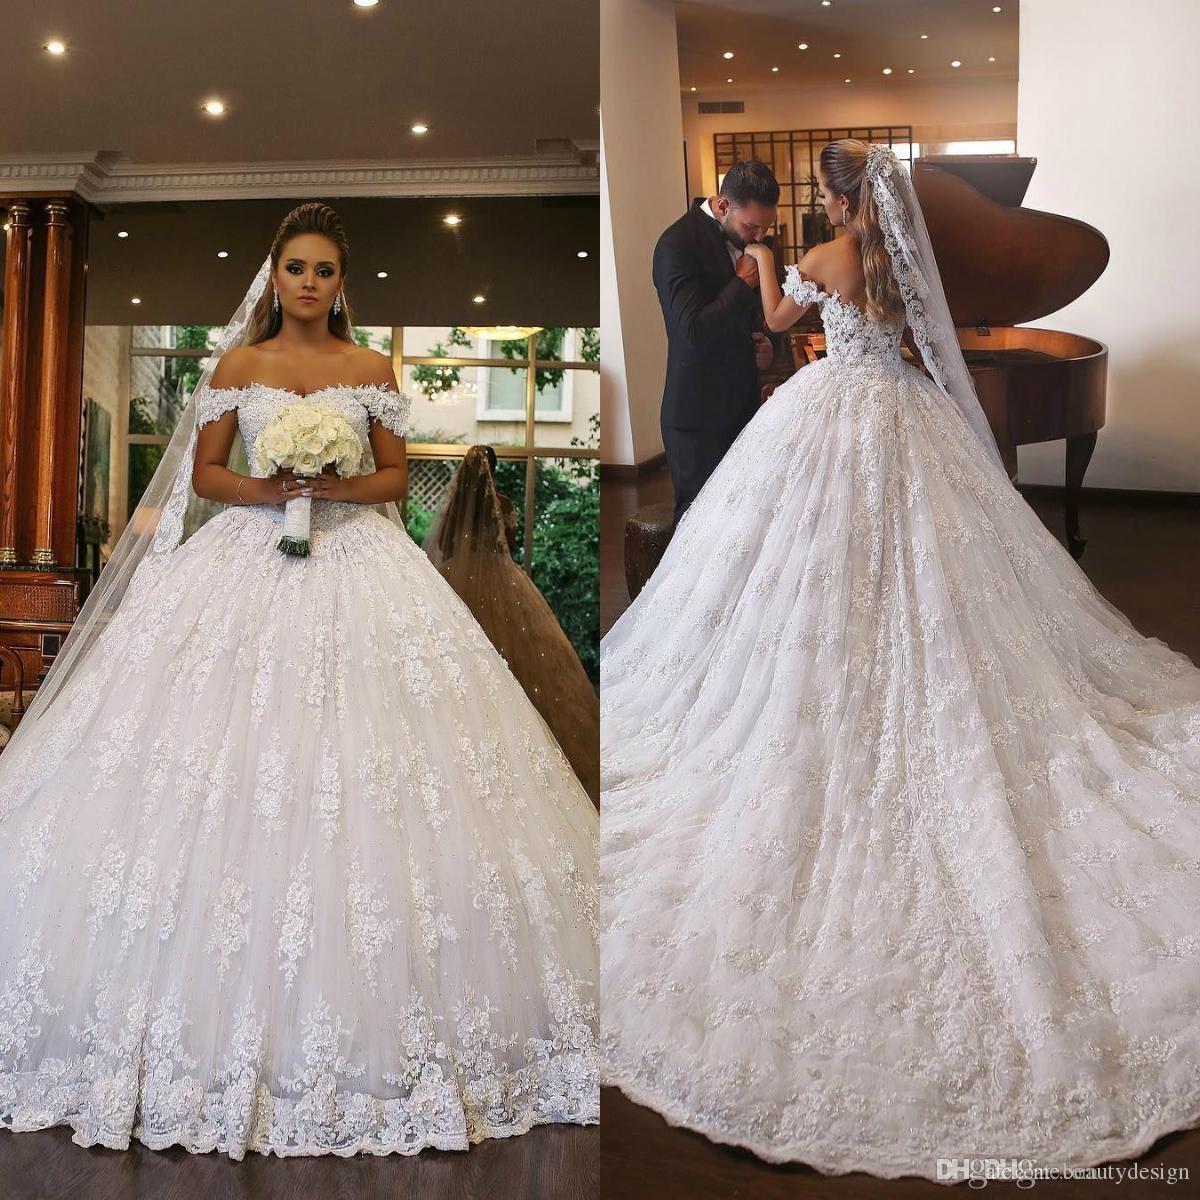 2019 Vintage White Princess Wedding Dresses Off Shoulder Lace Beads Sweep  Train Bridal Ball Gowns Plus Size Chapel Vestido De Novia Vintage Lace  Wedding ... 5f71ca81db6a